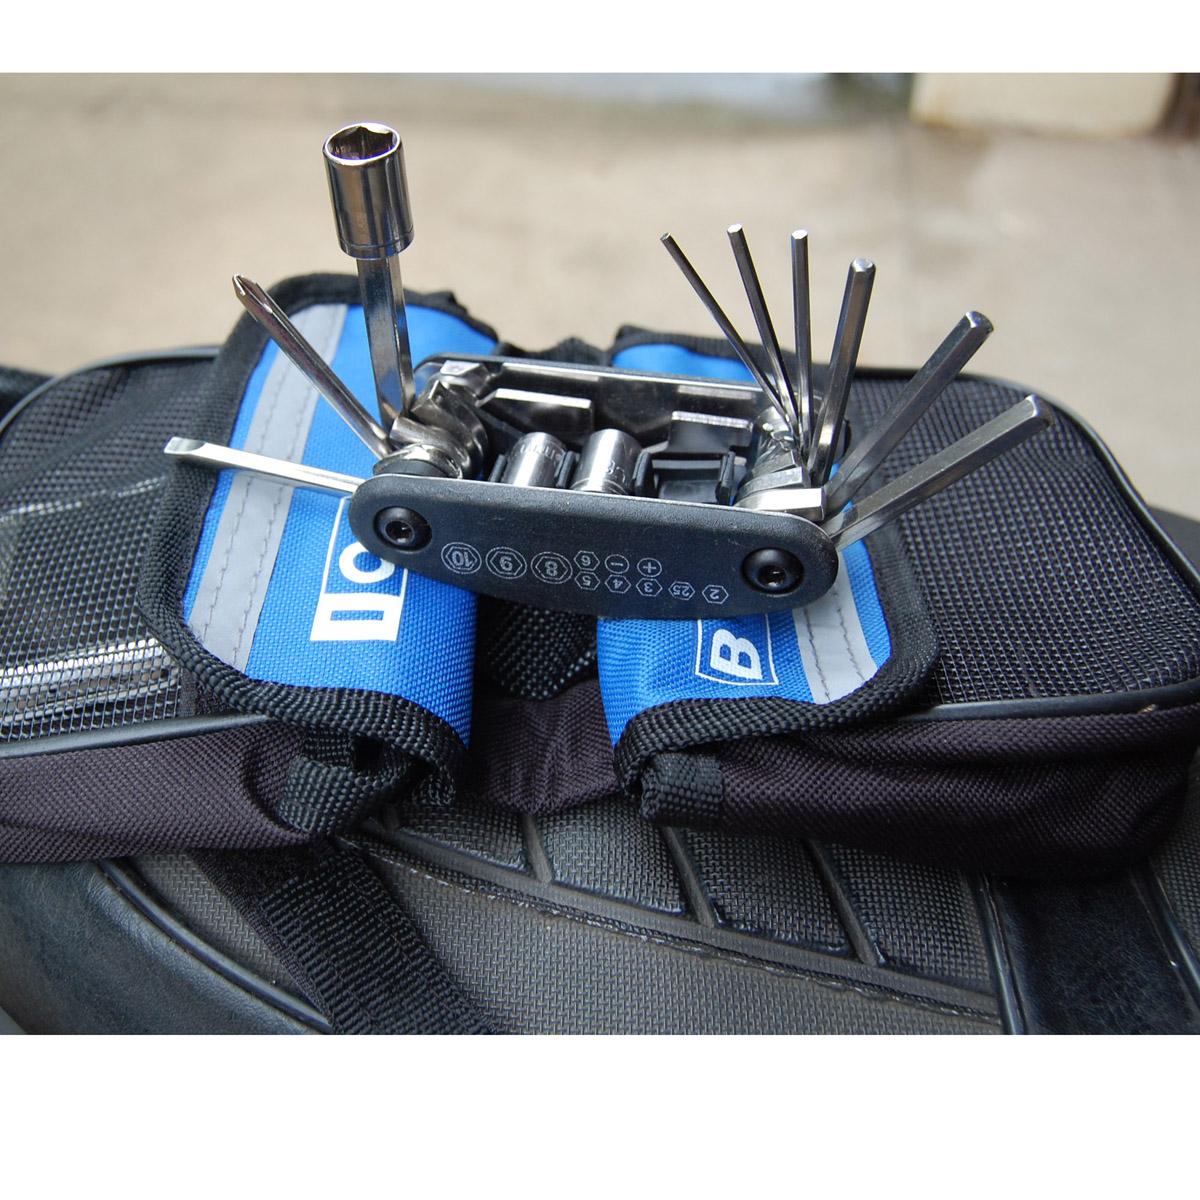 手工扒摩托车带工具_15合一内六角工具修车工具 WOZ1 摩托车踏板车电动车修补改装工具